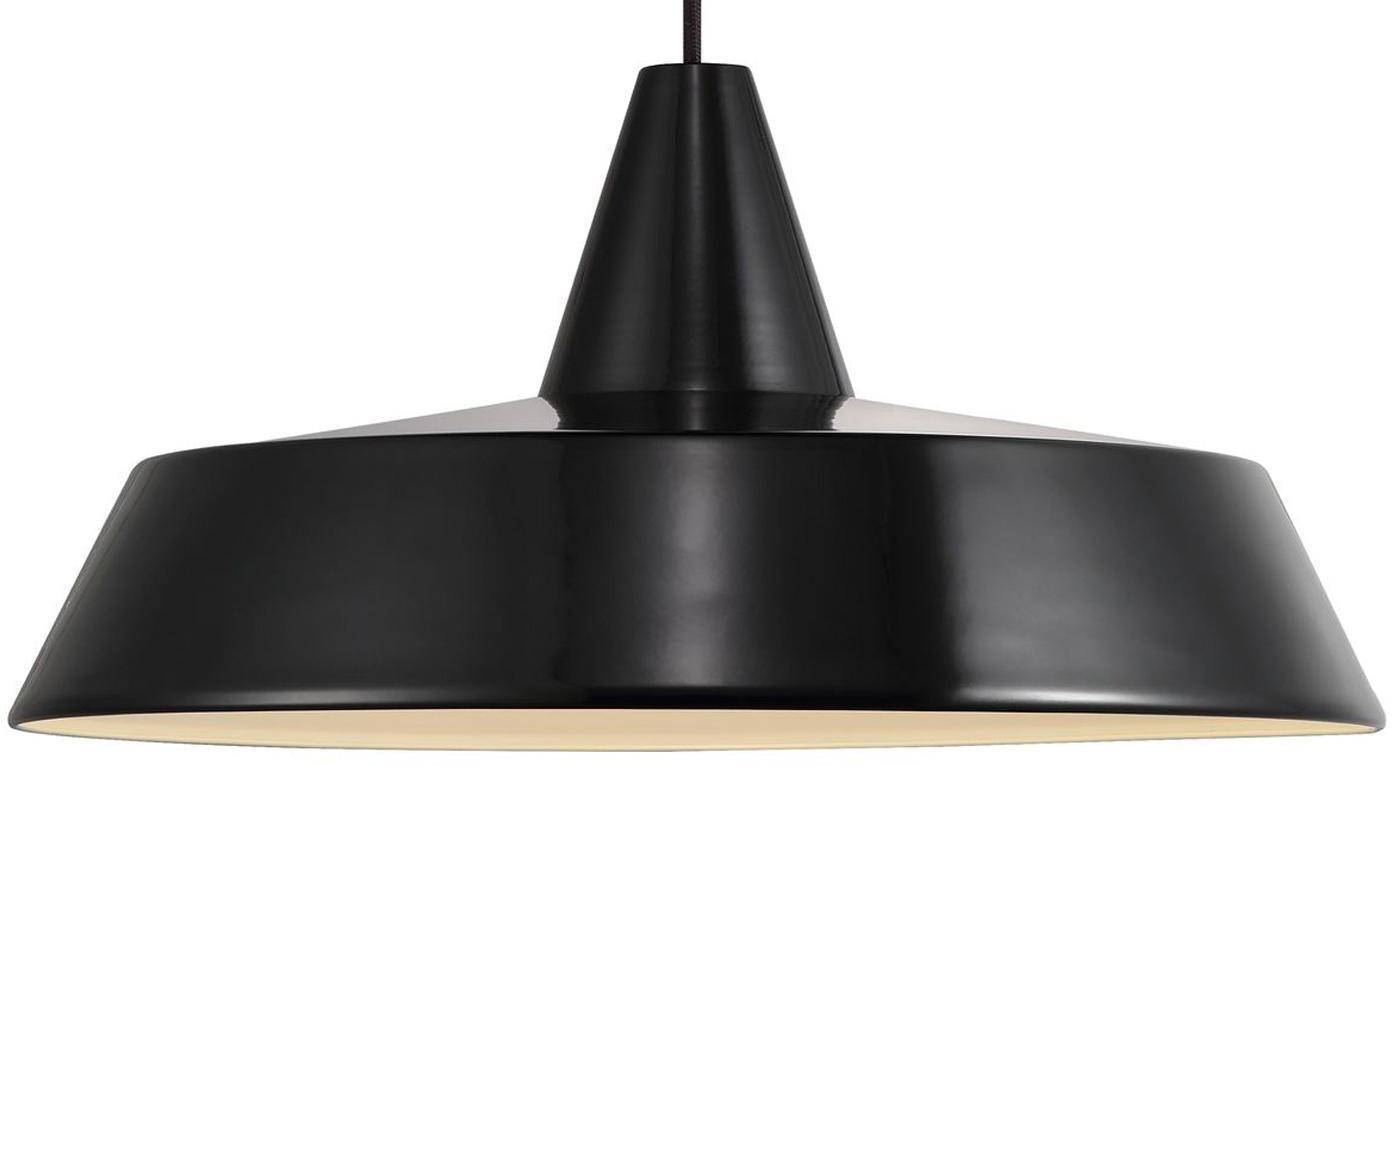 Lampada a sospensione di design Jubilee, Paralume: acciaio verniciato, Baldacchino: materiale sintetico, Nero, Ø 40 x Alt. 20 cm